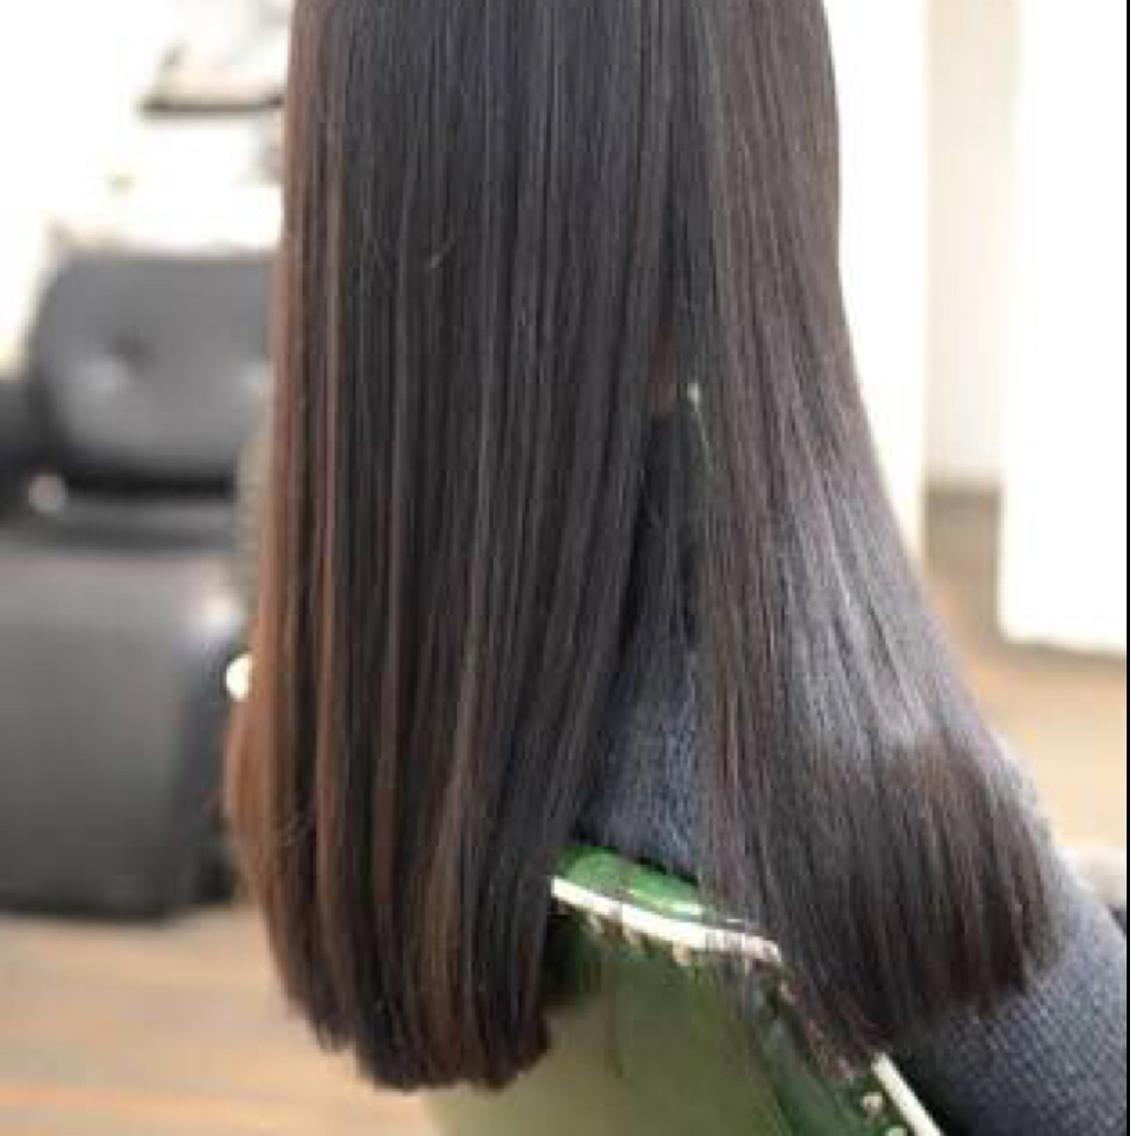 髪の毛にストレートパーマをかけてみたい!良い点悪い点あるの?のサムネイル画像